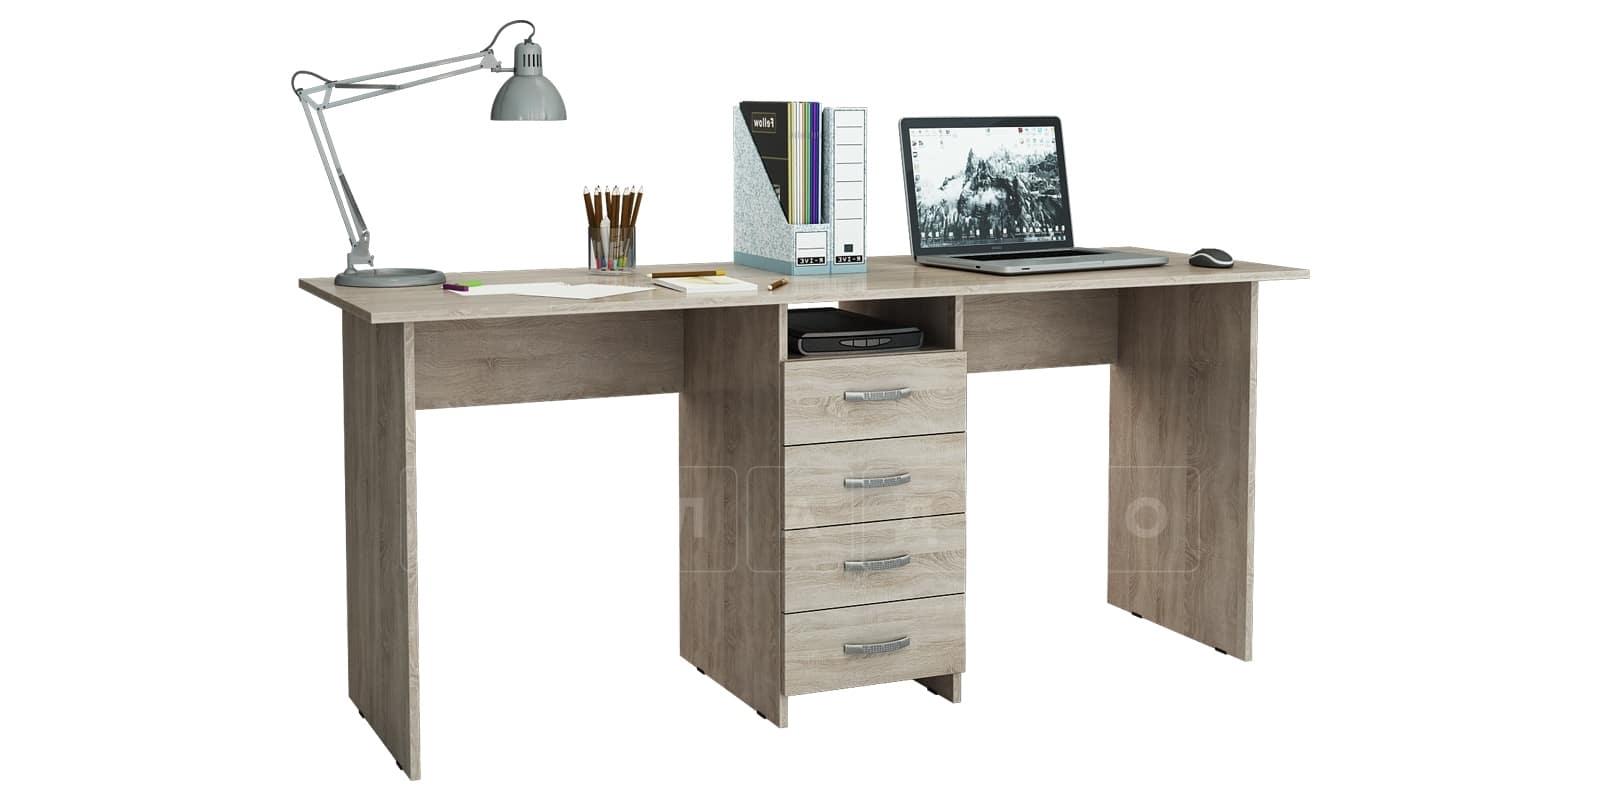 Офисный стол Кейптаун 4 ящика фото 3 | интернет-магазин Складно